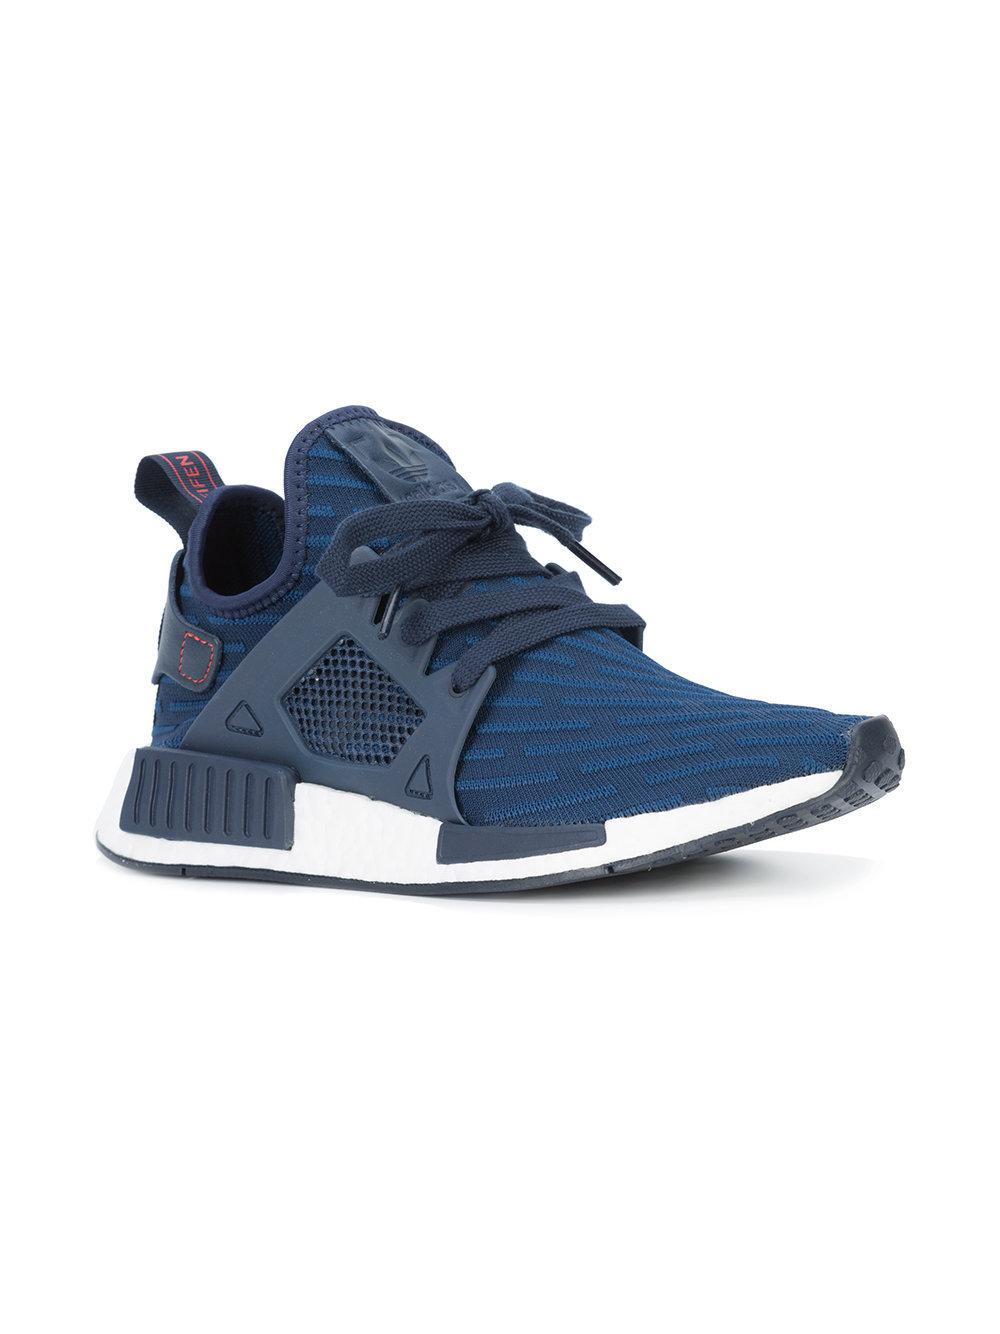 Adidas Nmd Xr1 Primeknit Sneakers 170 Farfetch Com Lookastic Com